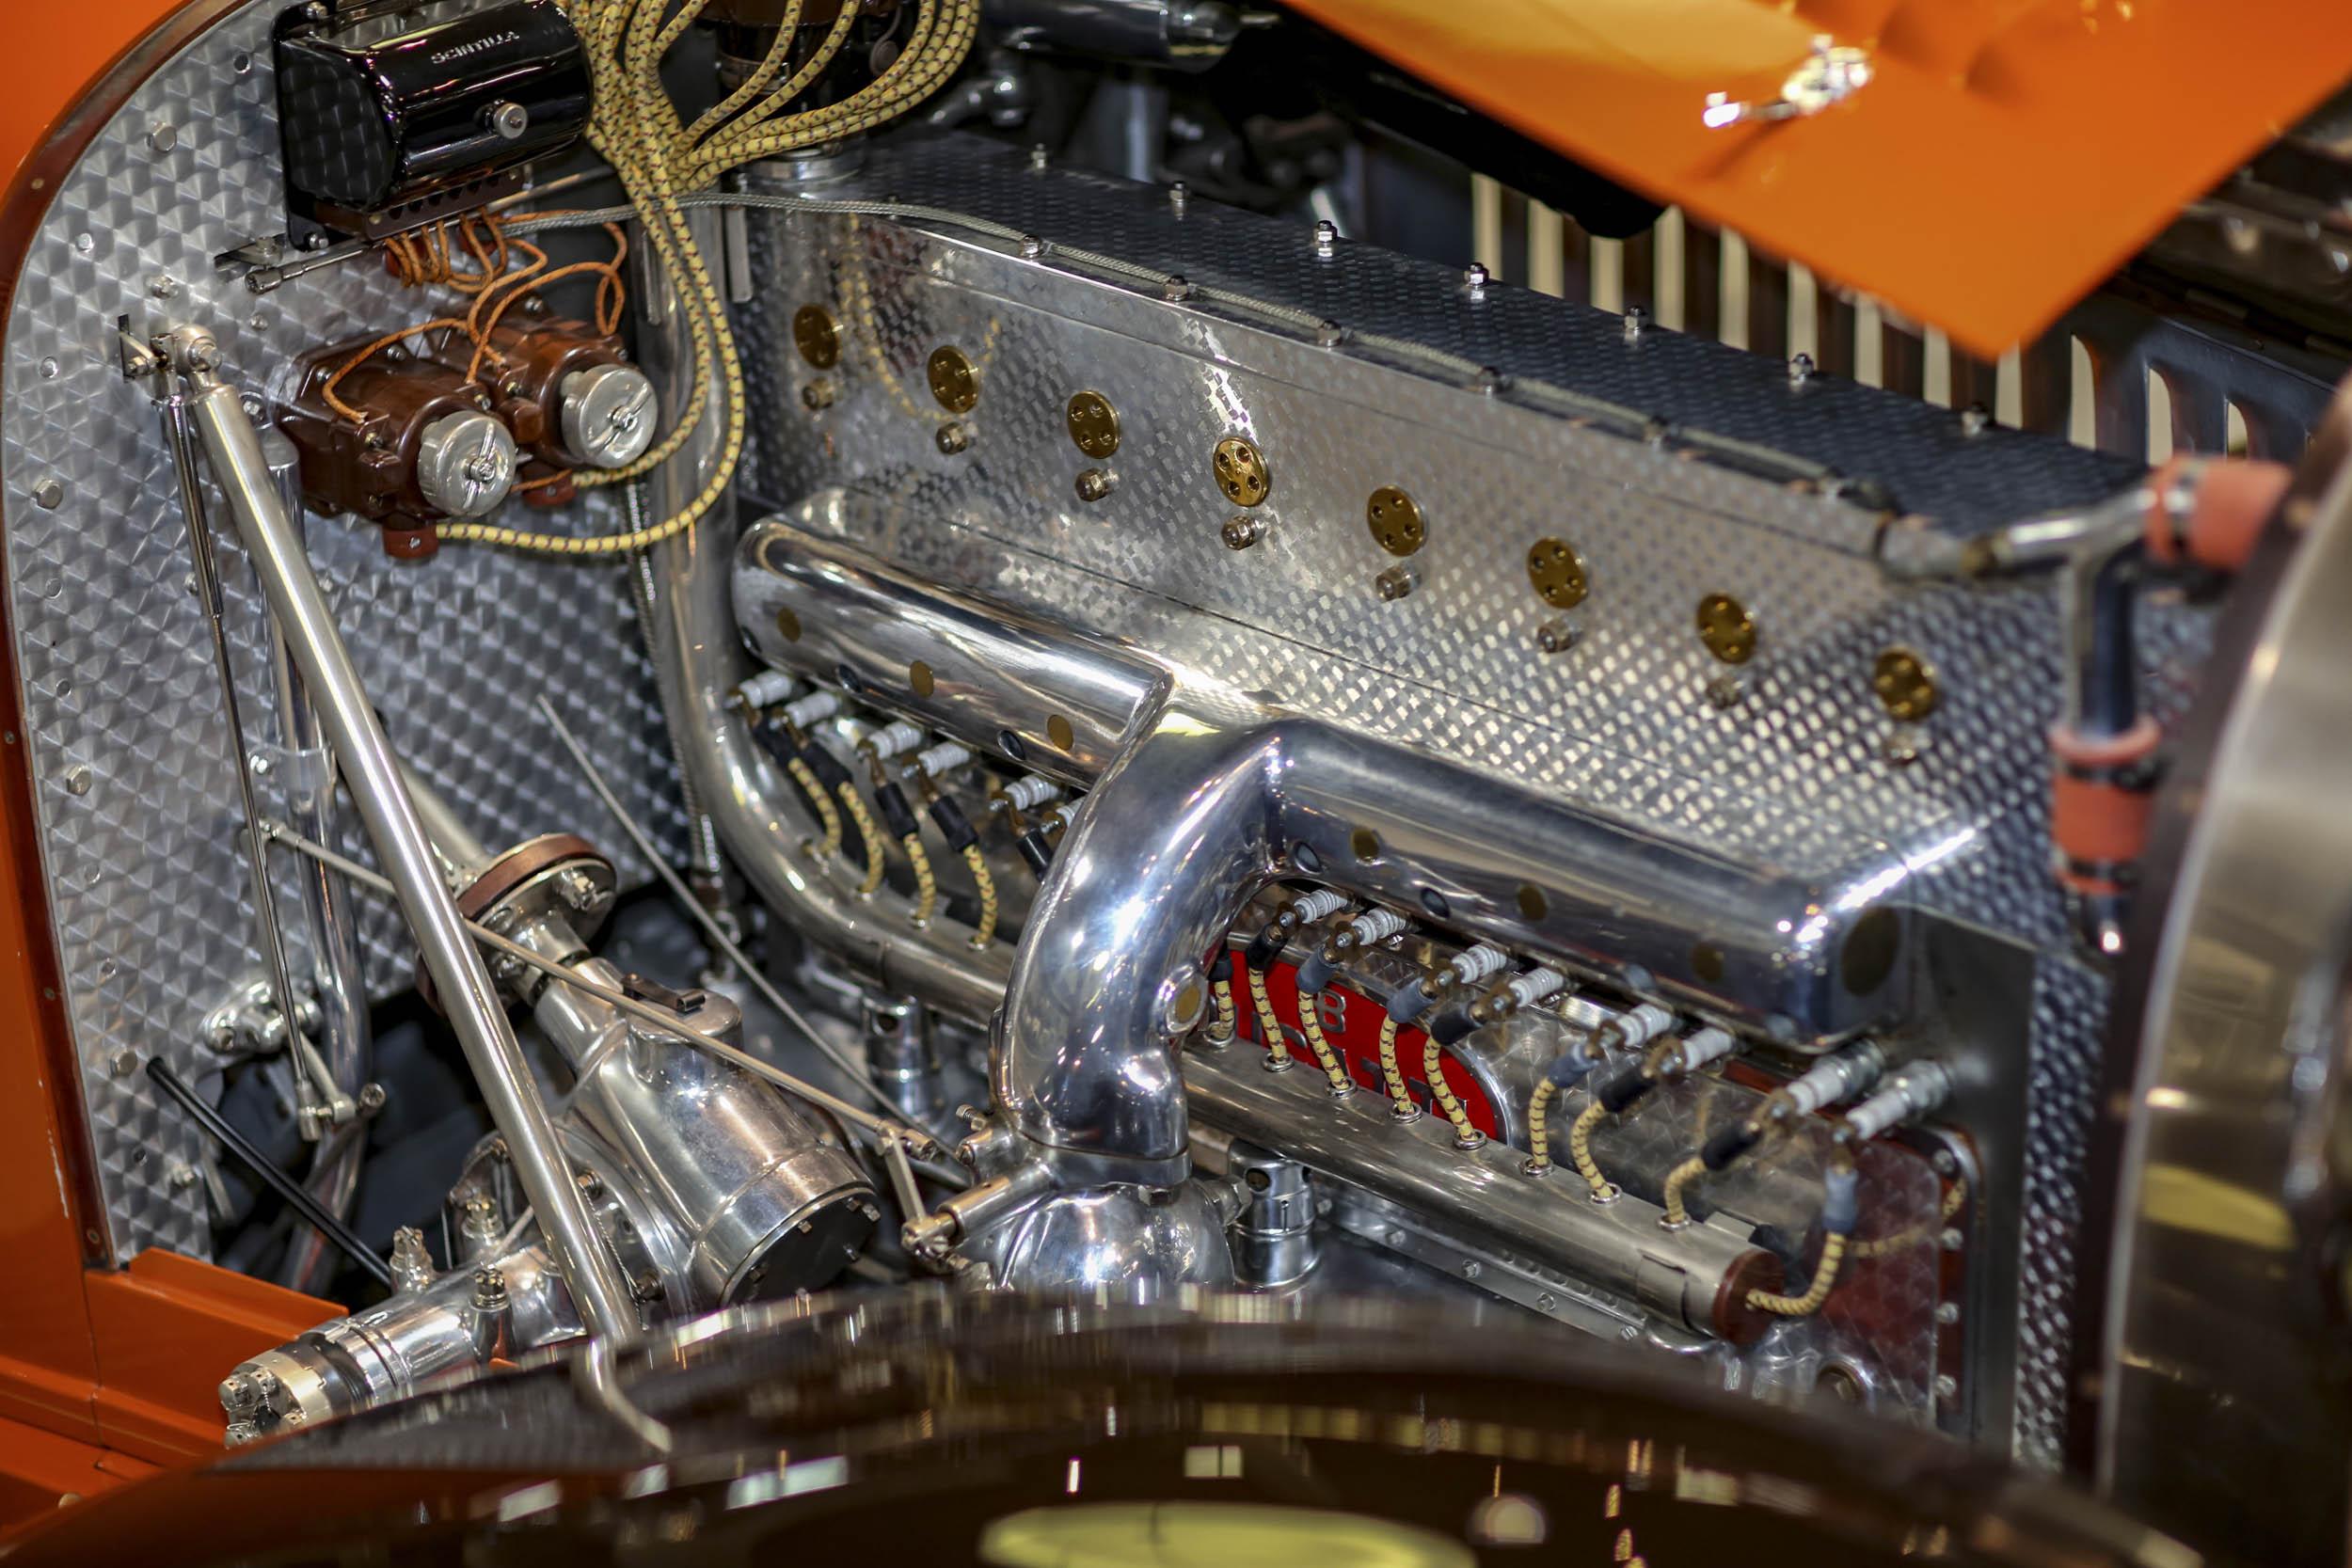 1931 Bugatti 5.4-liter inline-eight engine